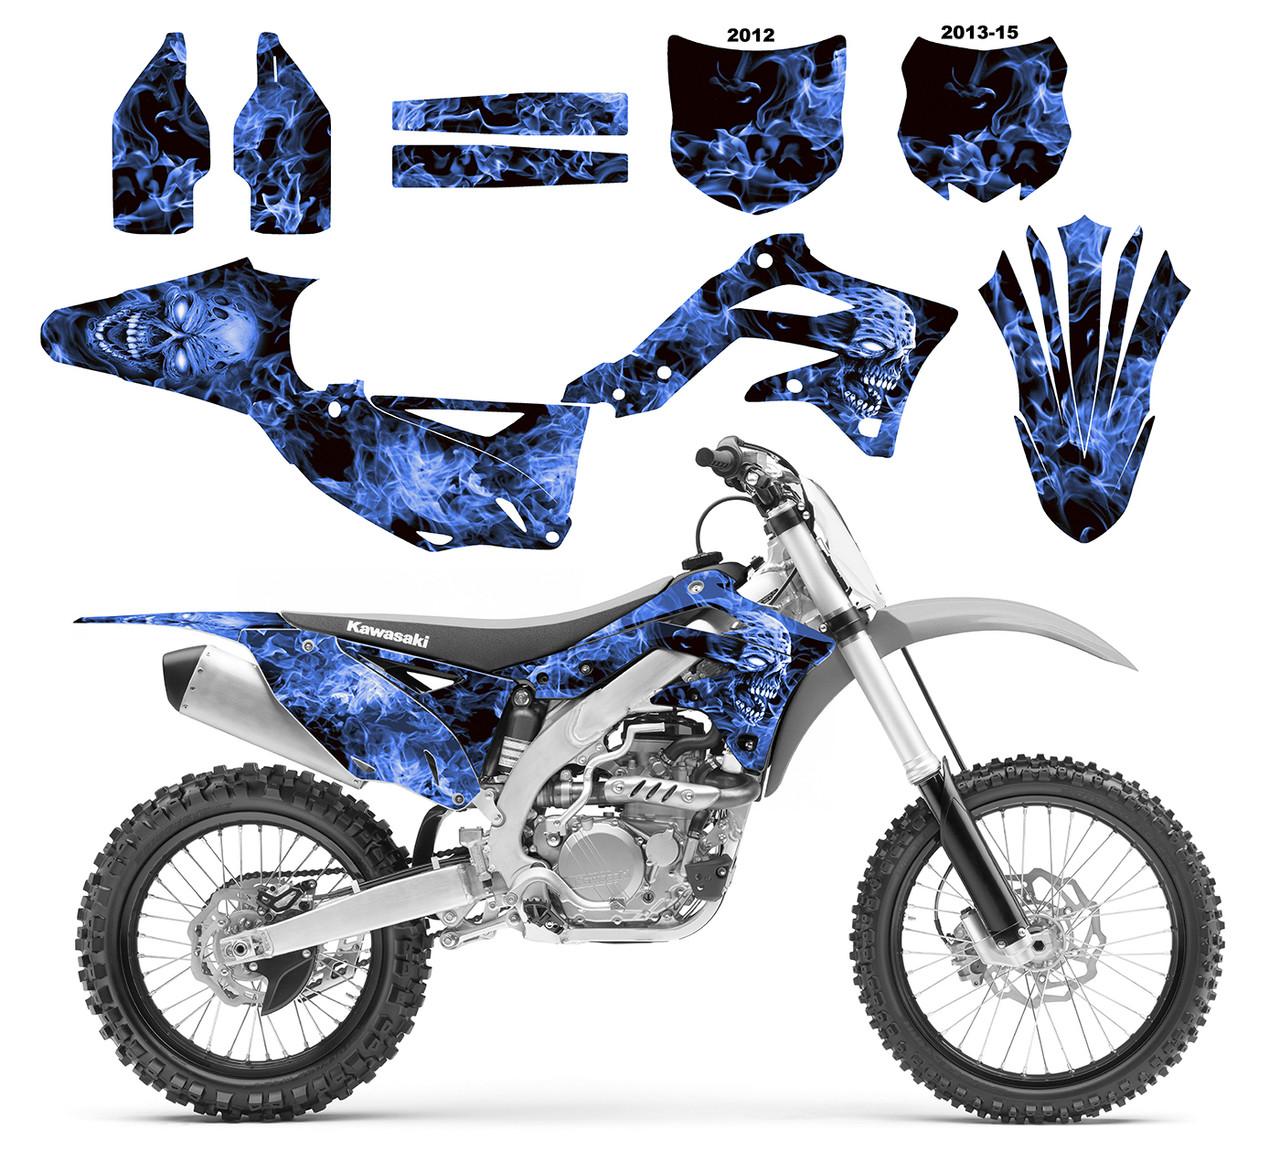 2012 KXF 450 GRAPHIC KIT KAWASAKI KX450F MOTOCROSS DIRT BIKE PURPLE DECALS